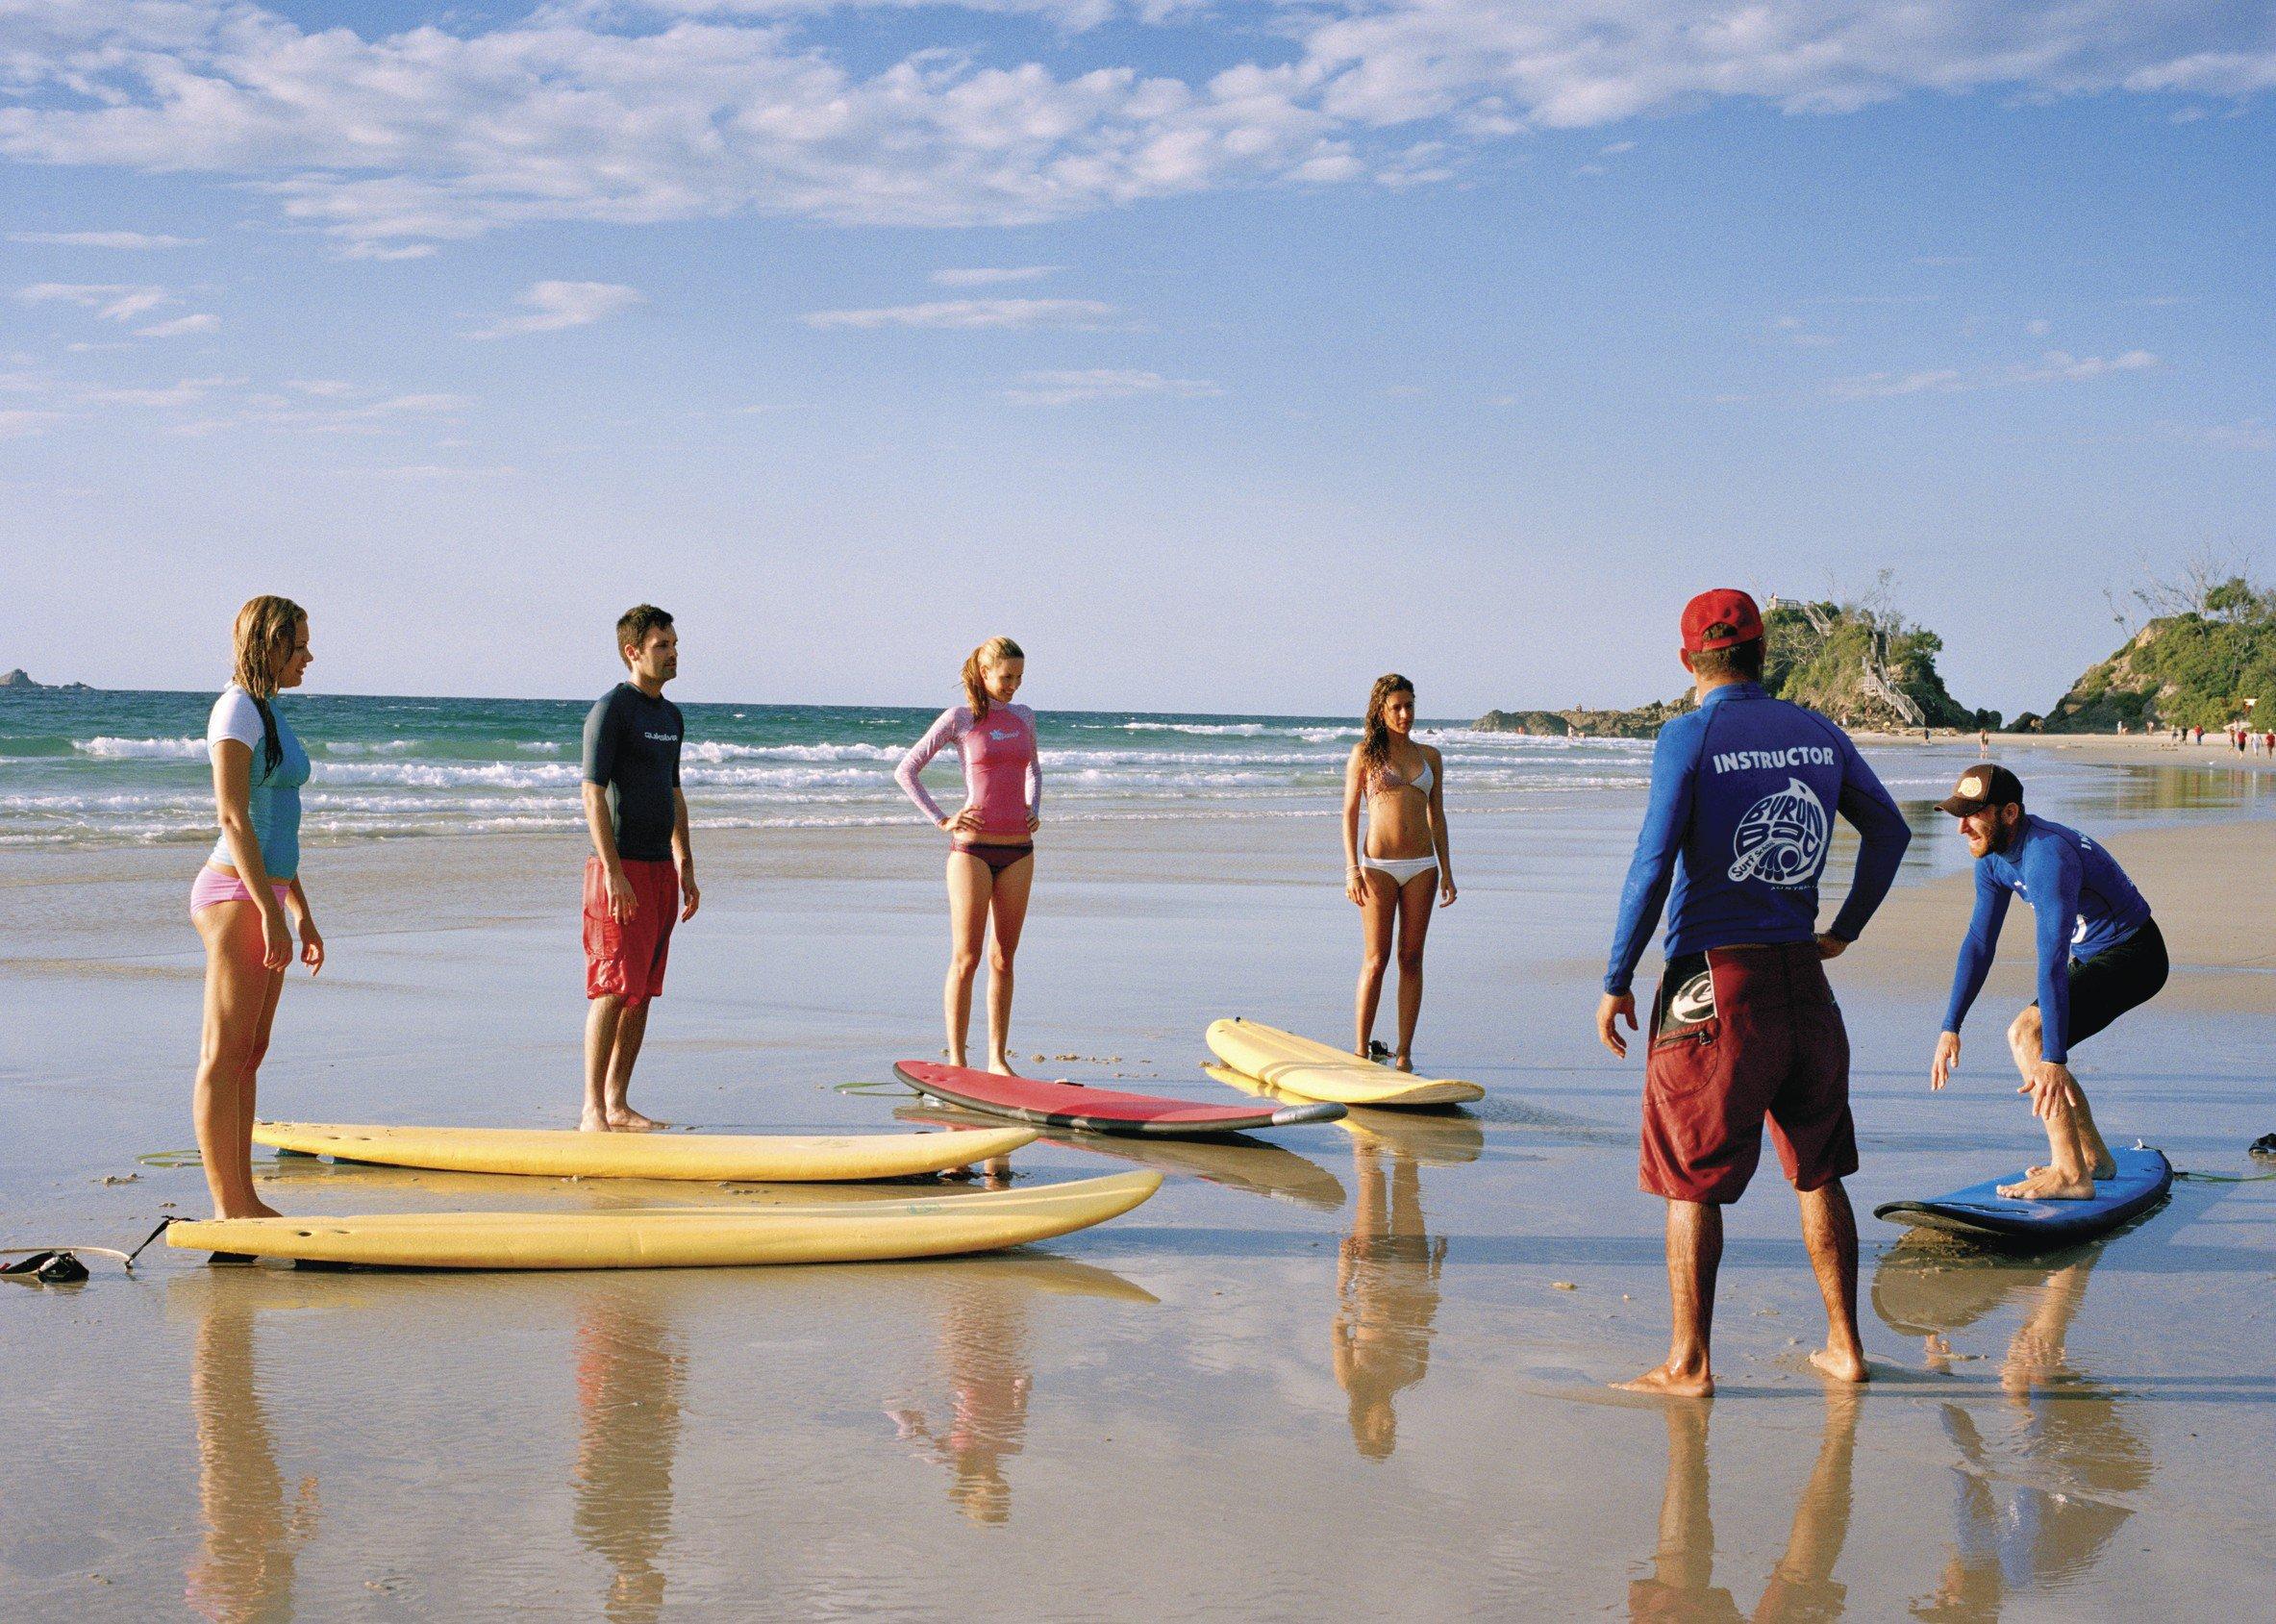 Surfers op hun reis naar Australië aan de oostkust volgen een surfles.